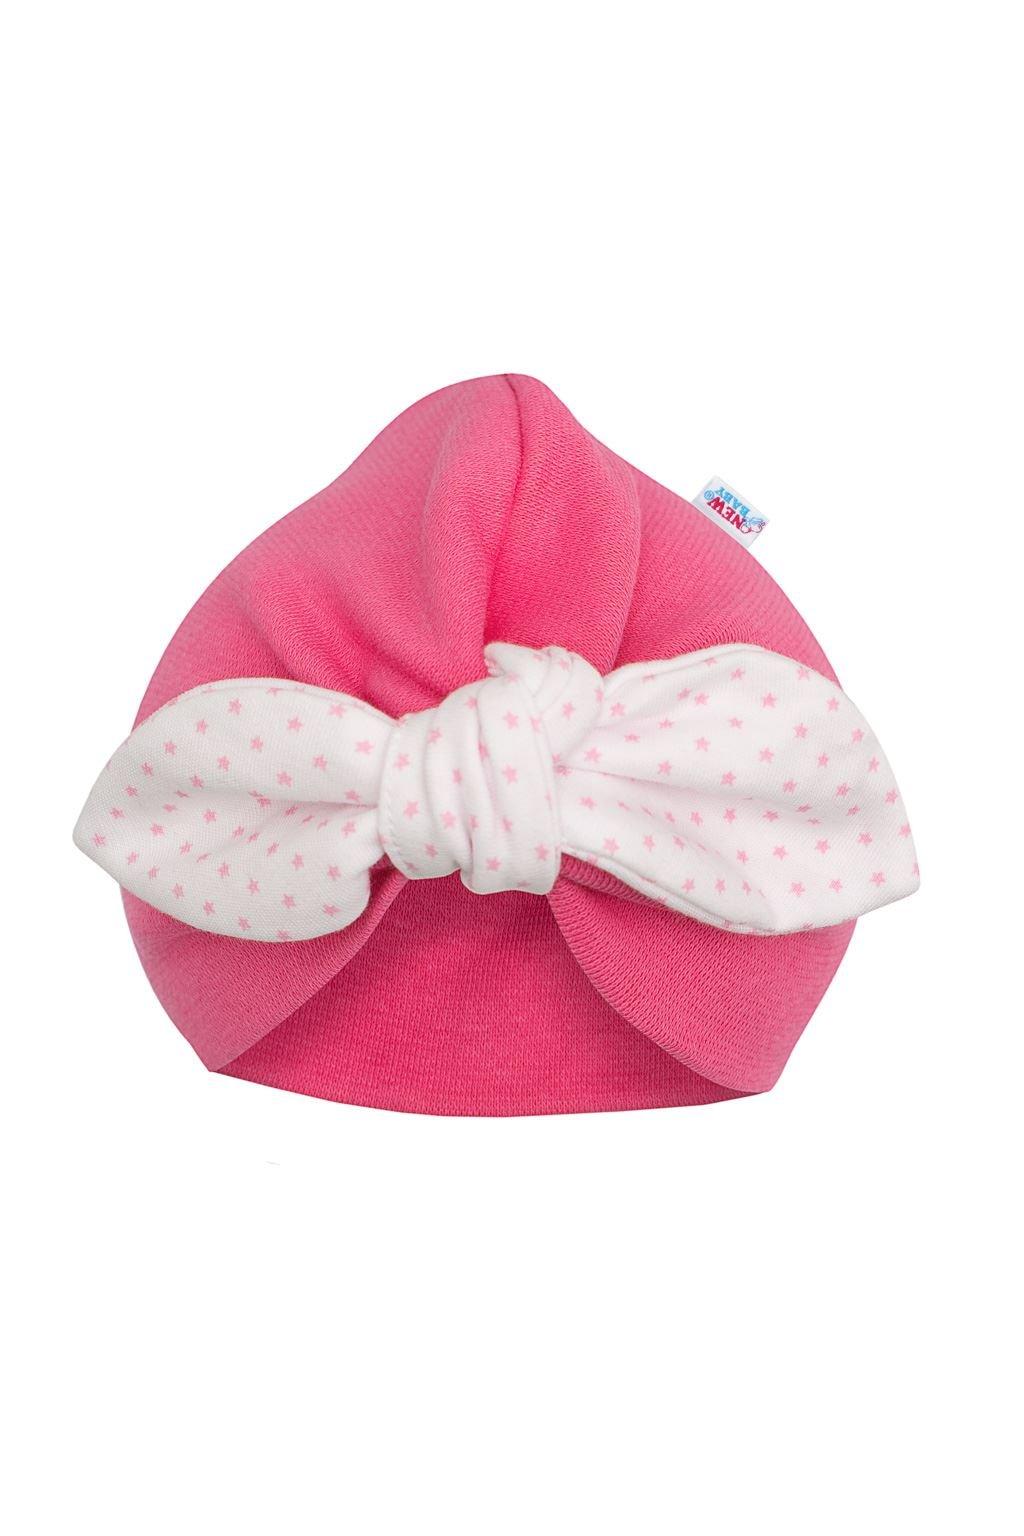 Dievčenská čiapočka turban New Baby For Girls dots NJSK 41974